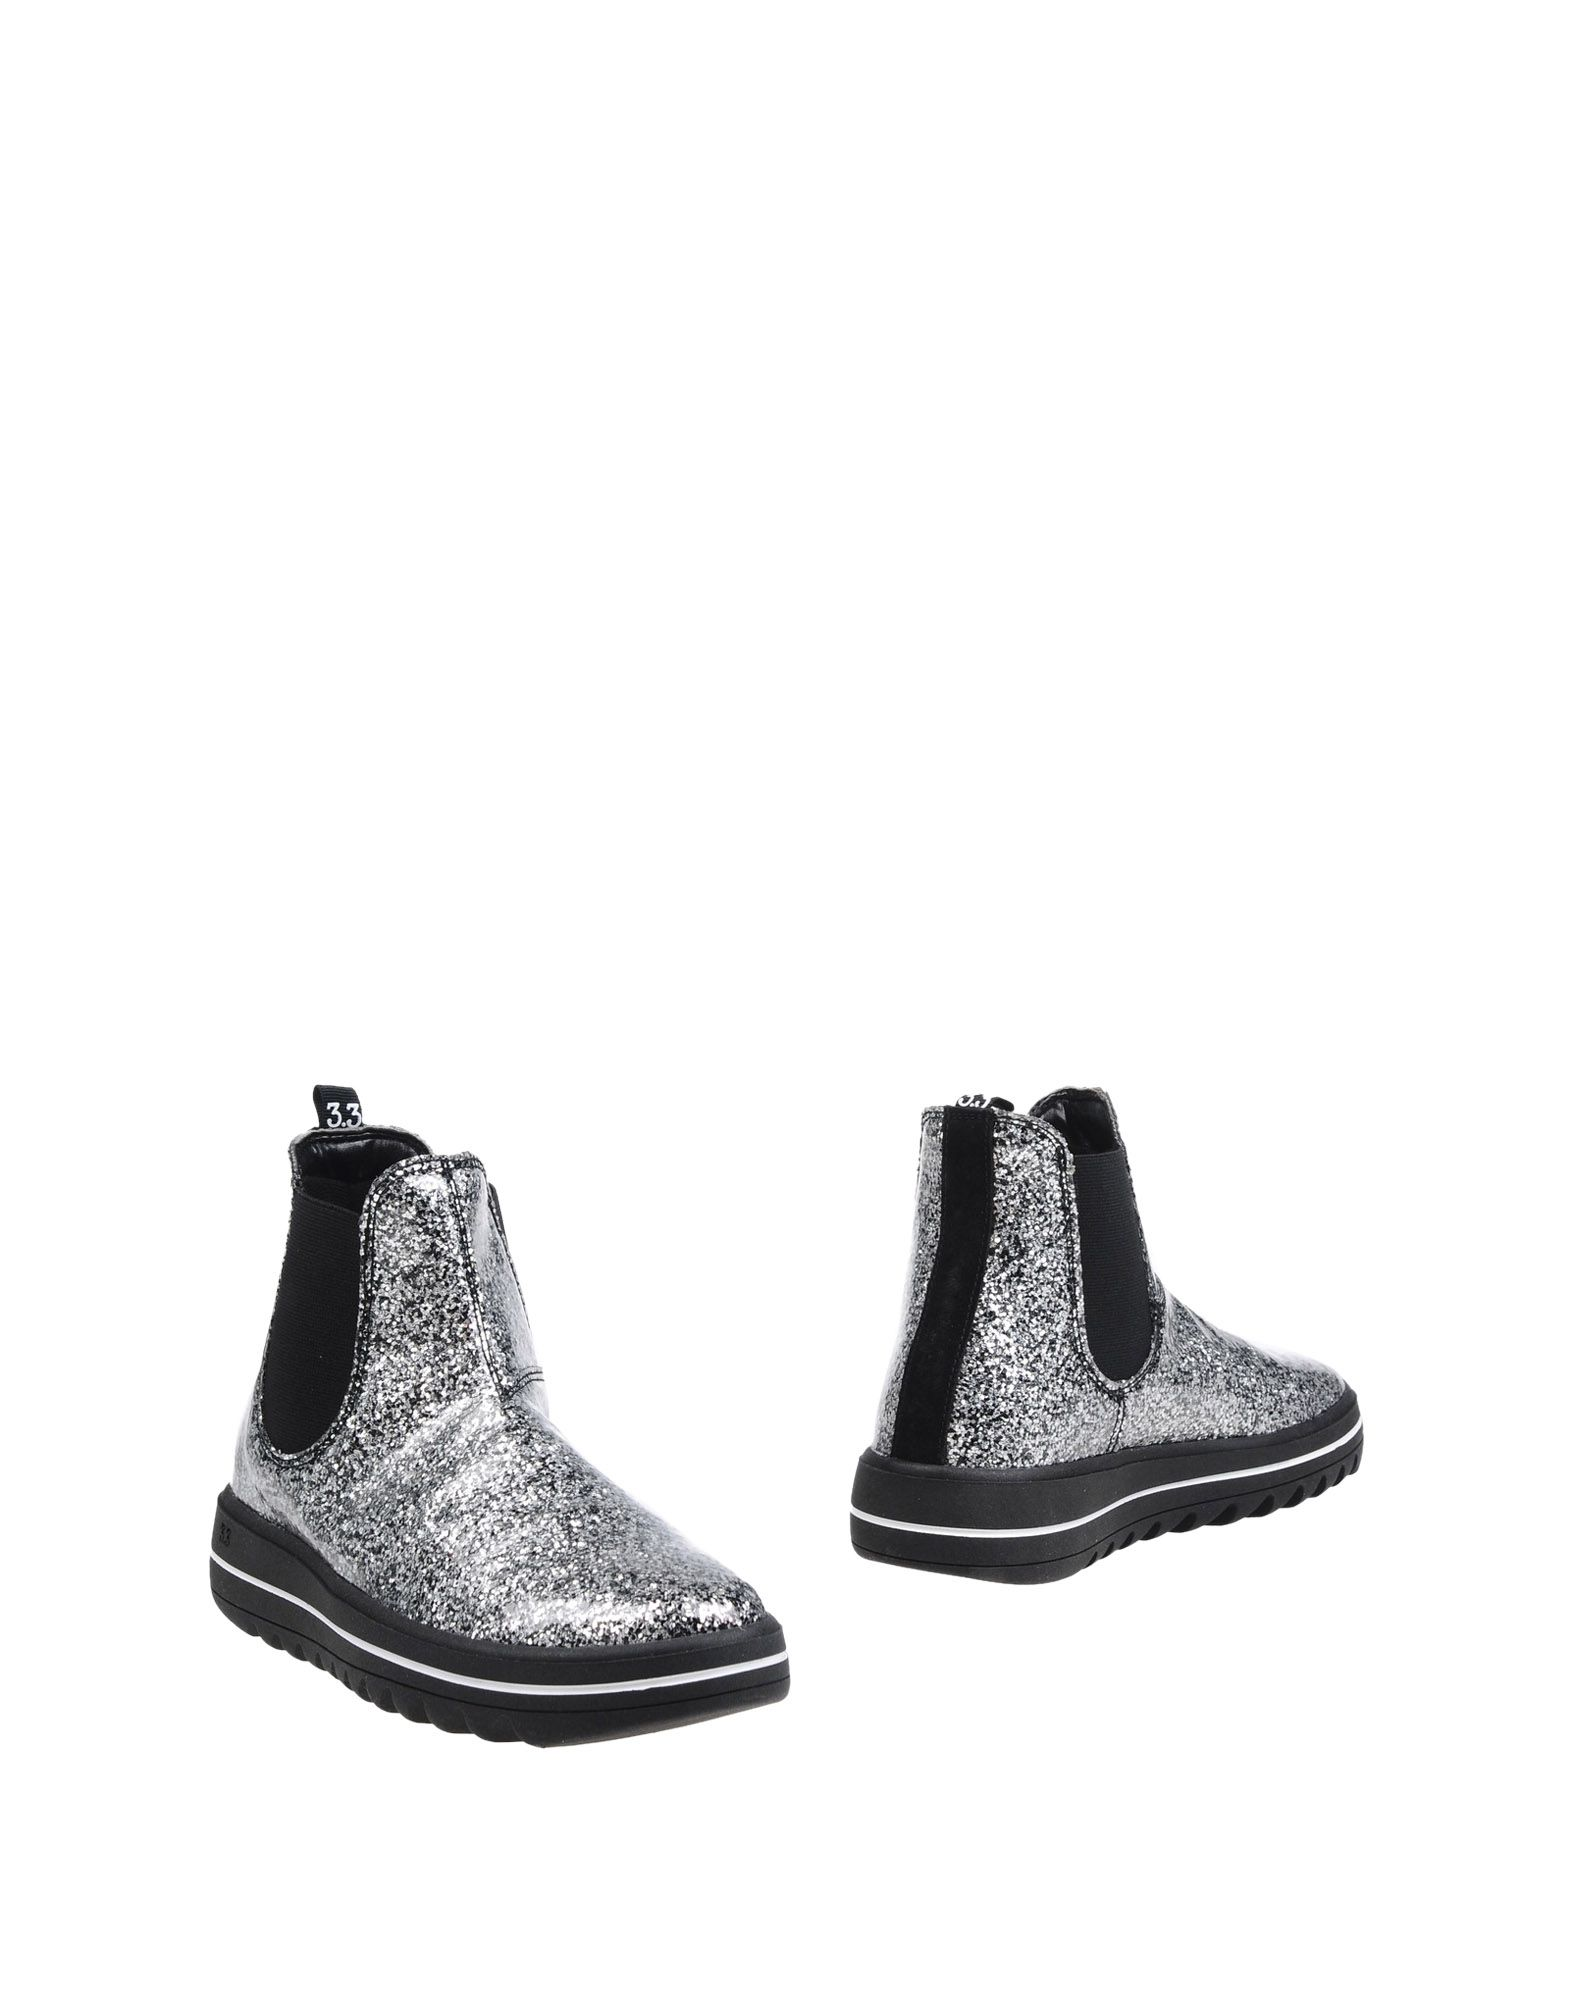 3.3  TREPUNTOTRE Полусапоги и высокие ботинки купить футбольную форму челси торрес